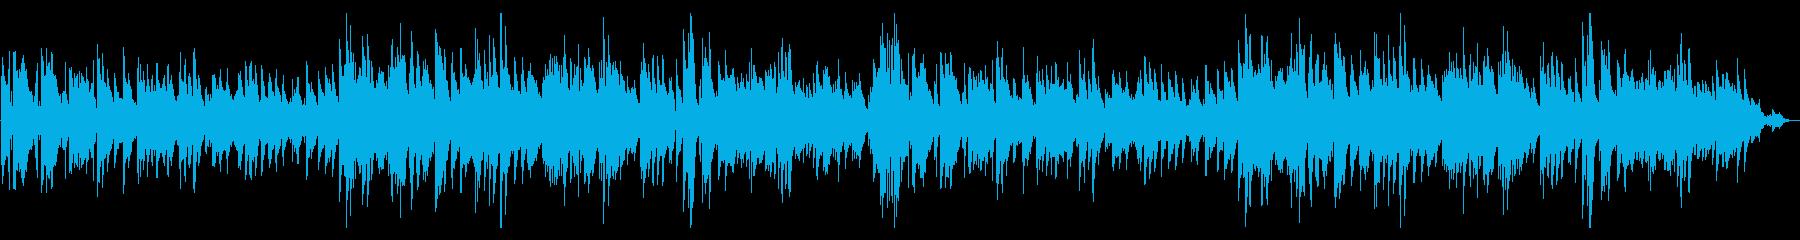 心地よい響きのオシャレなジャジーピアノ!の再生済みの波形